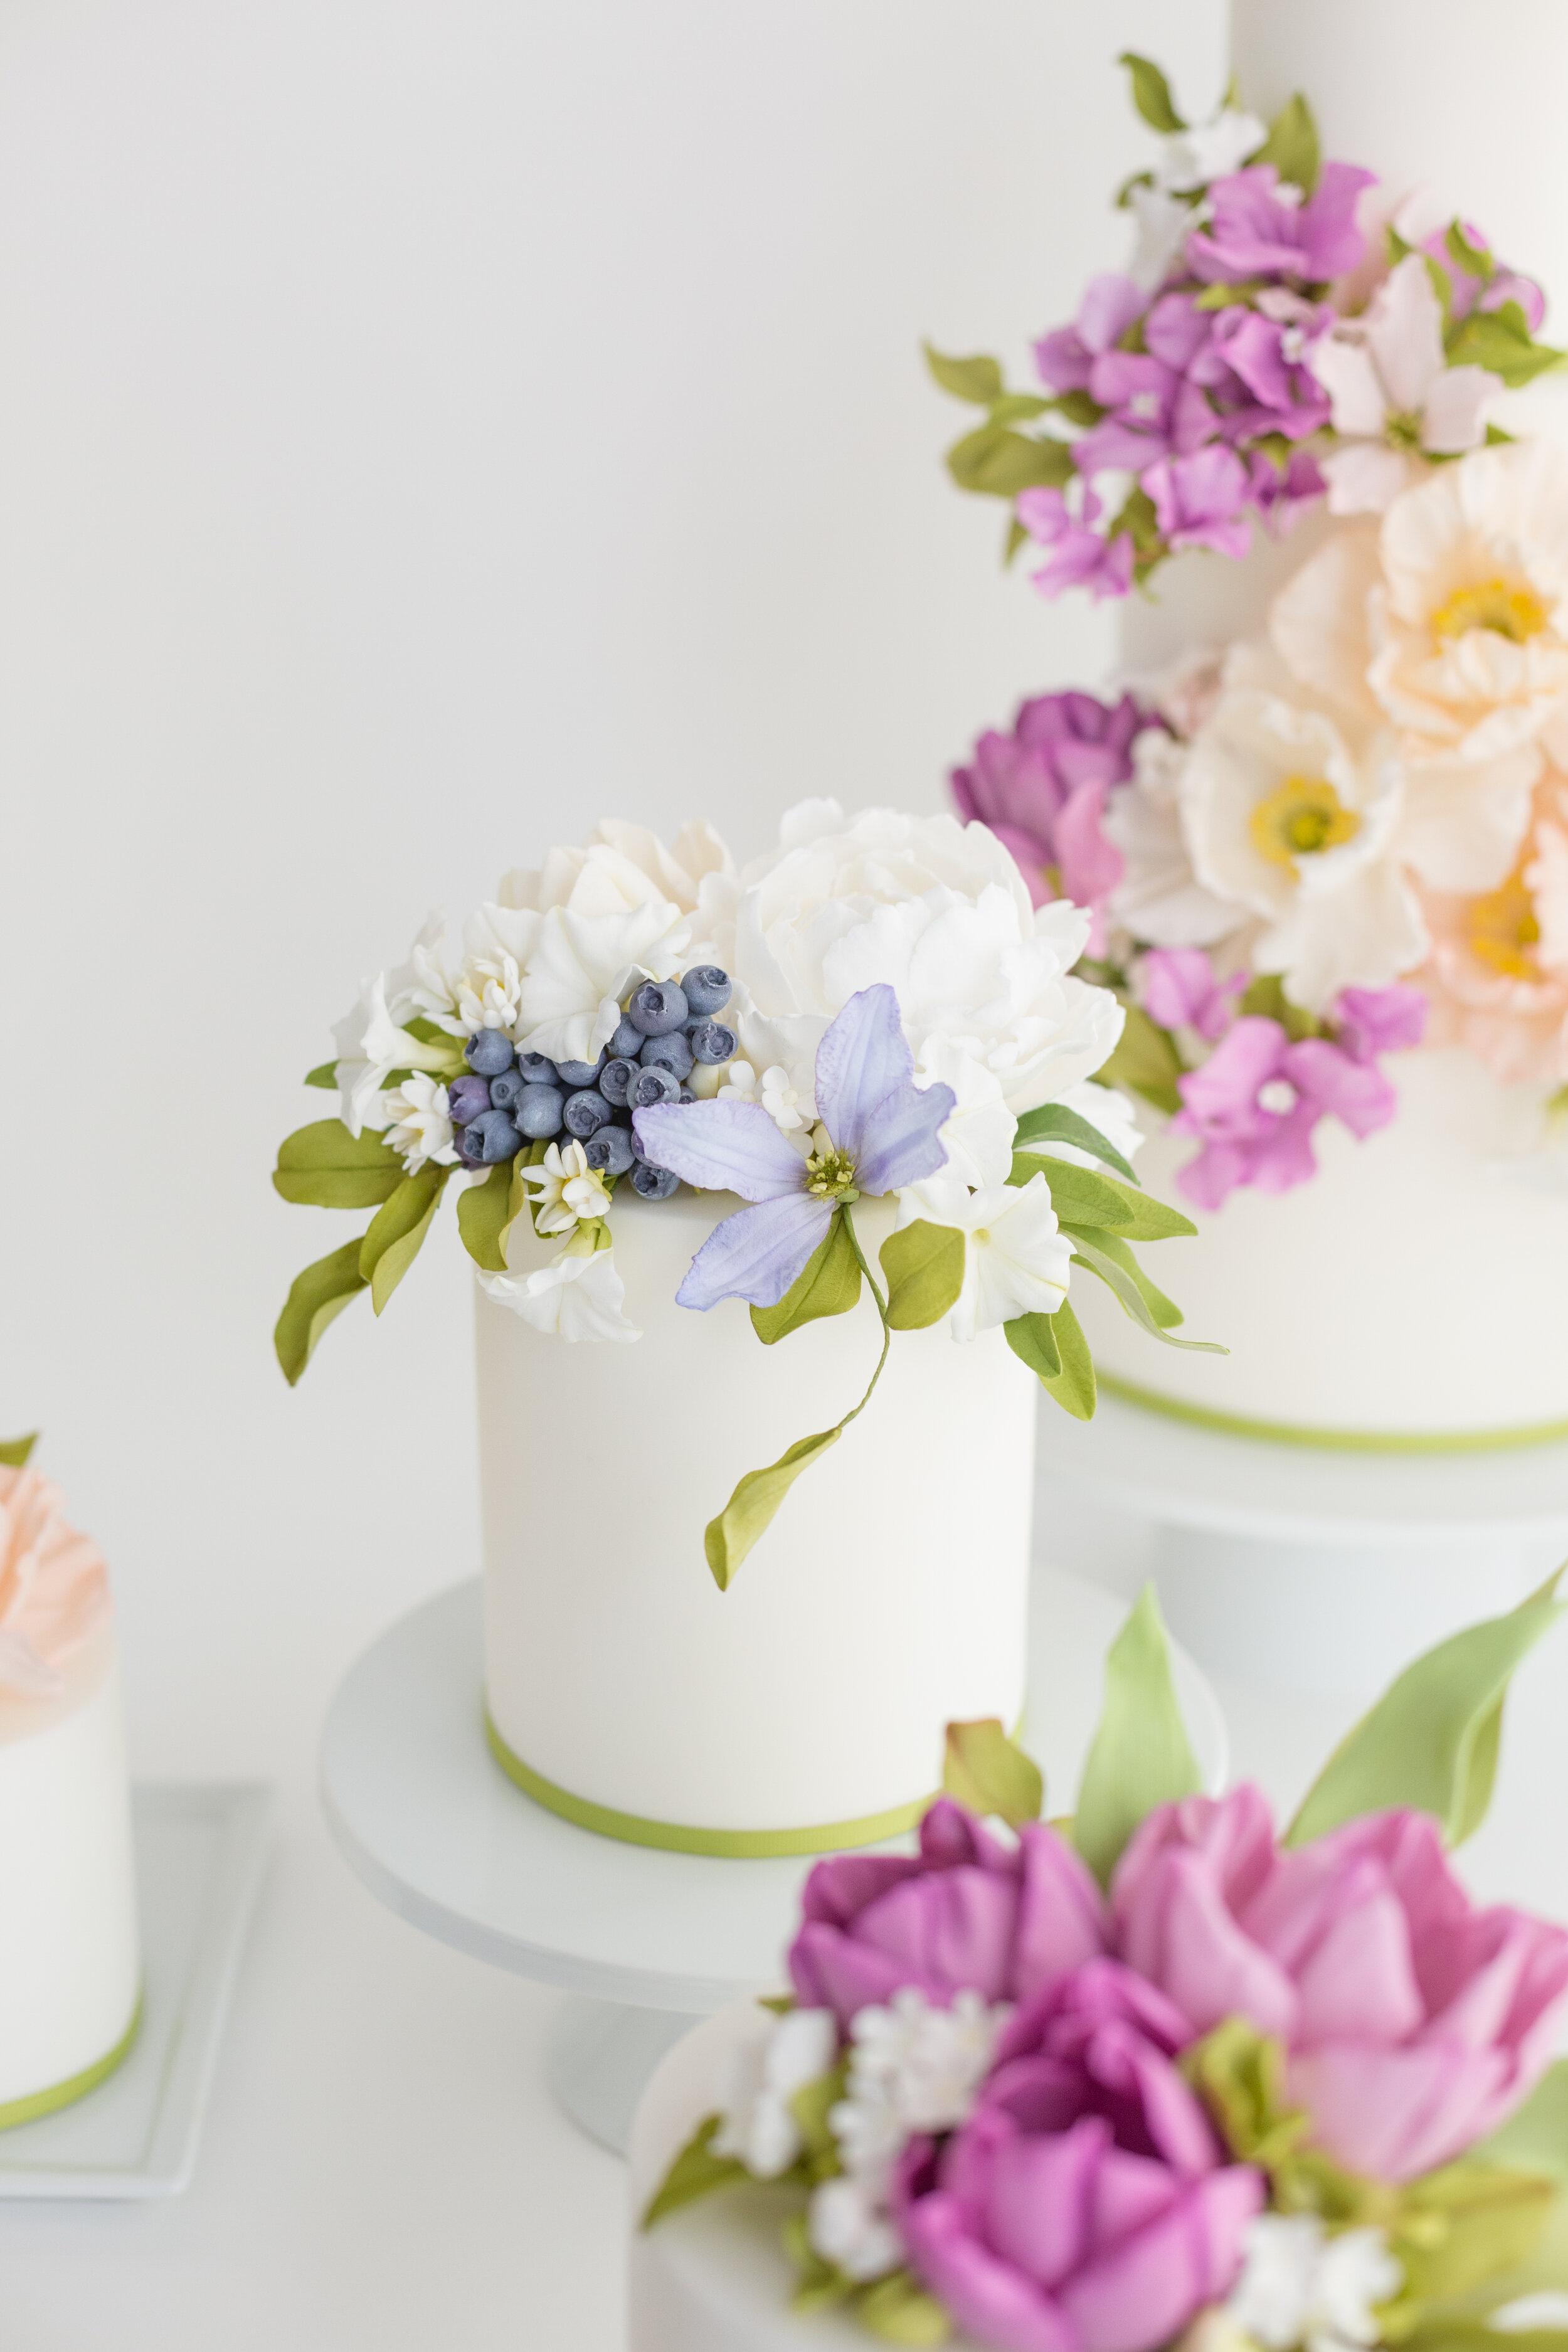 Cake All-Cake Group-0012.jpg